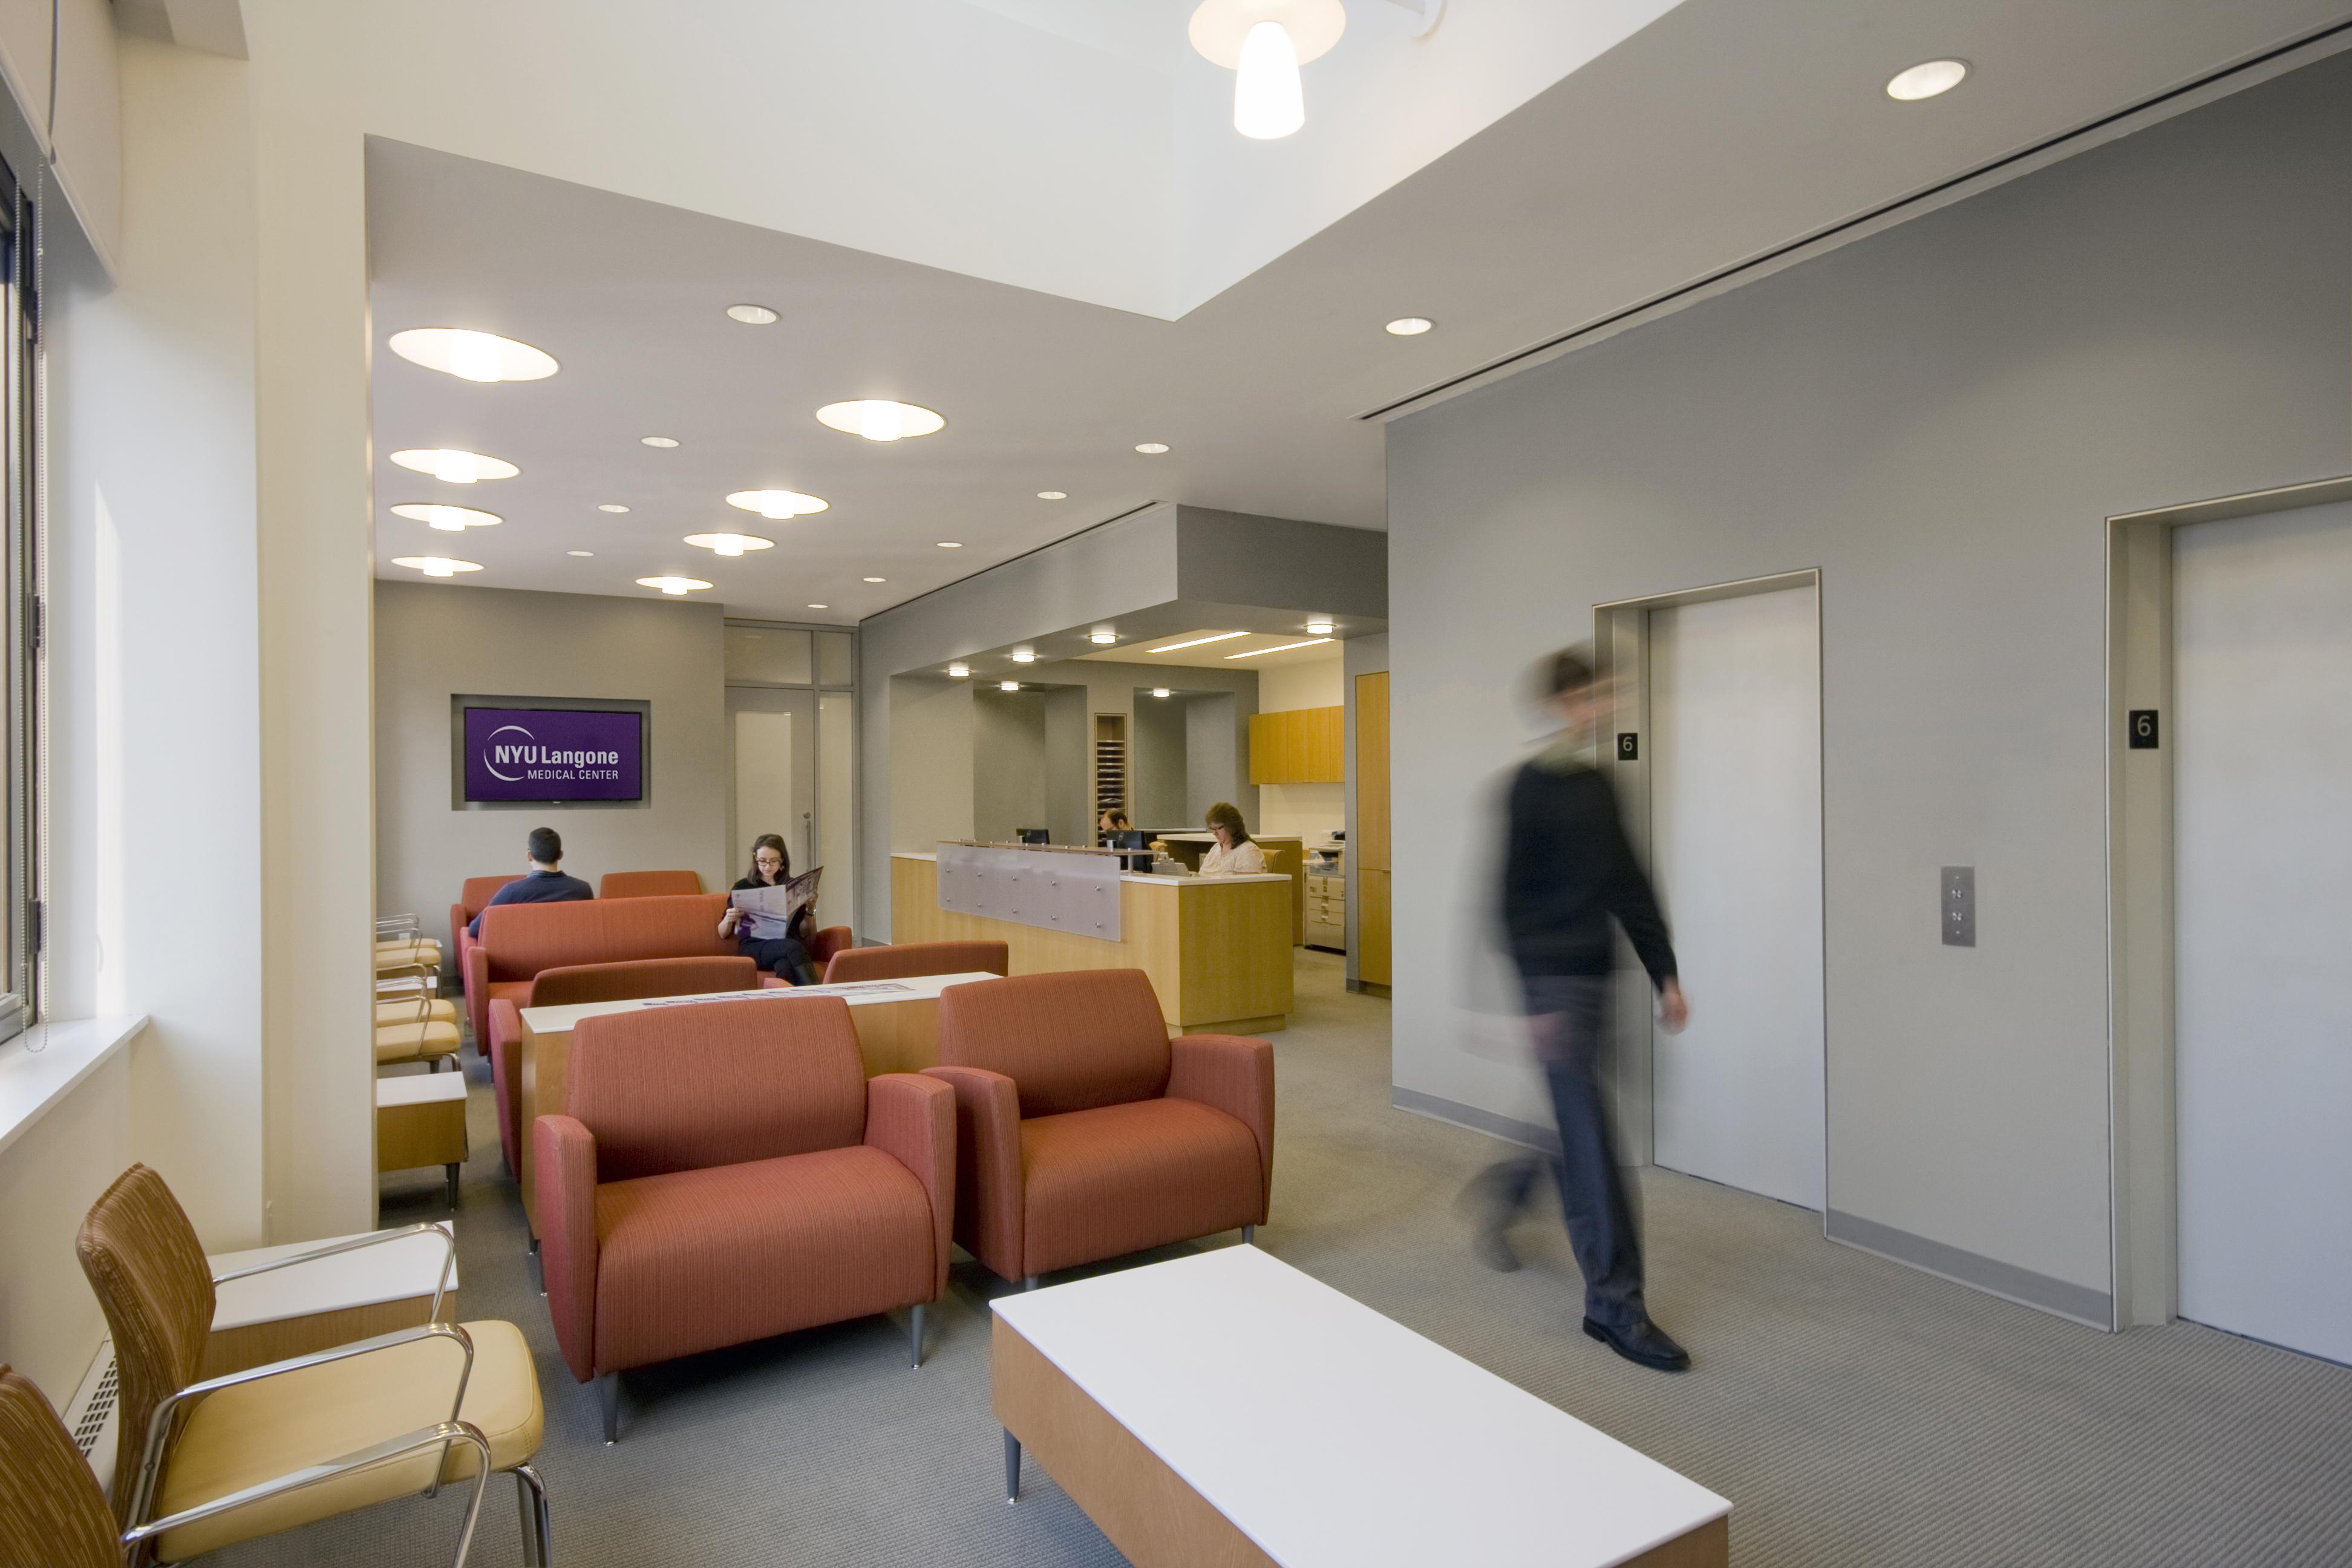 Stephen Yablon Architecture News NYU Langone Selects SYA to